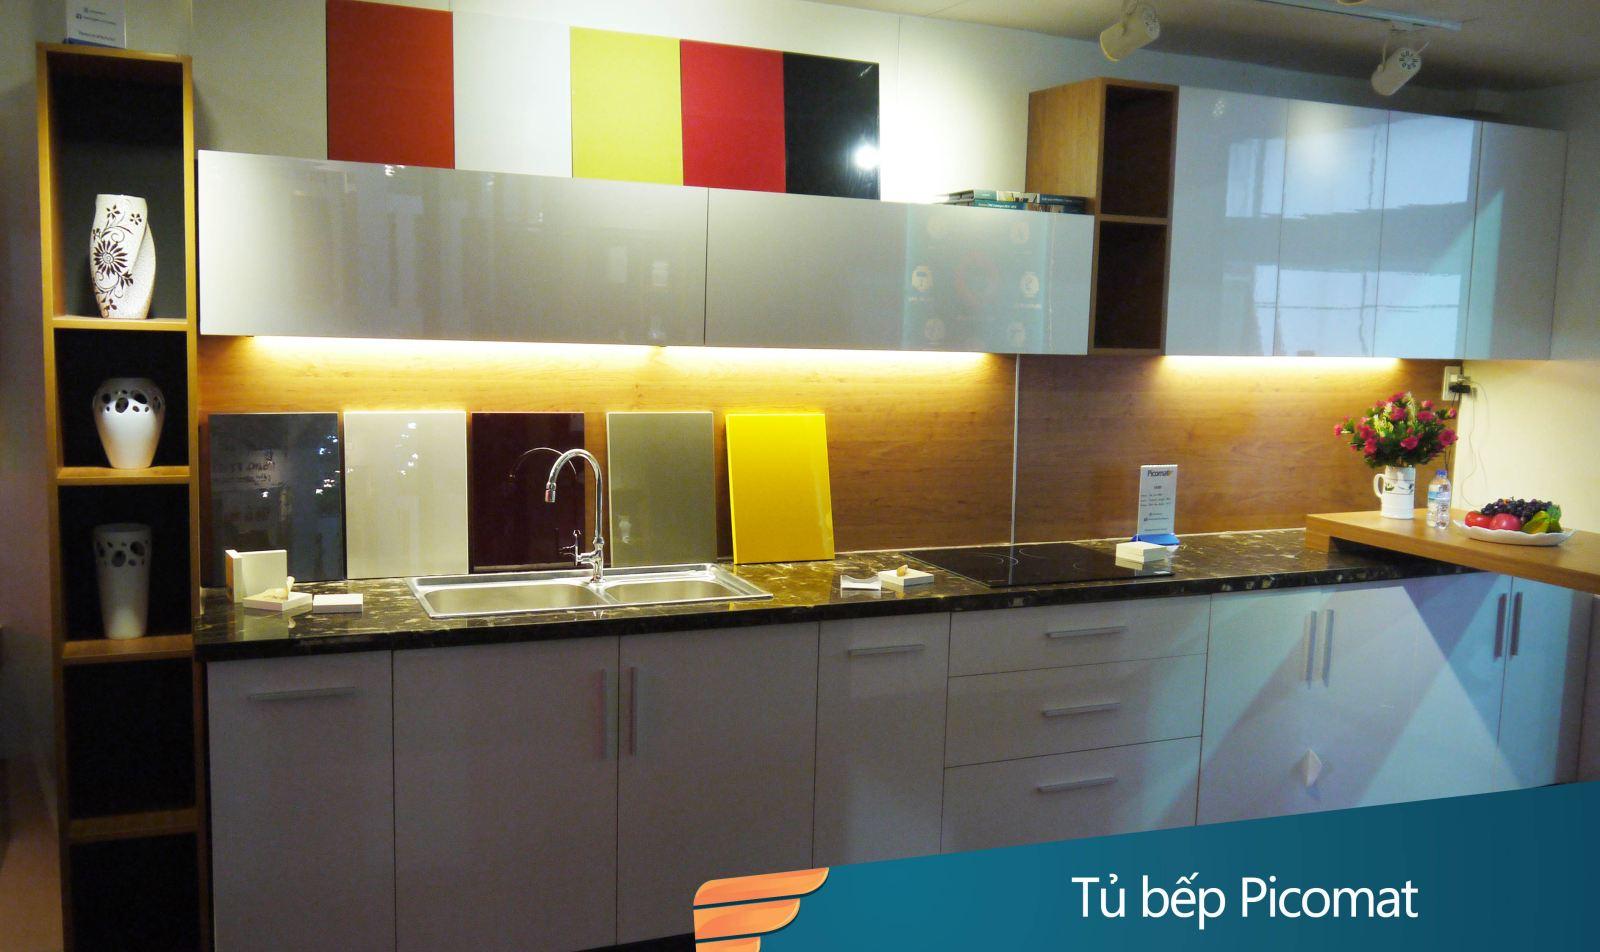 www.123nhanh.com: Dịch vụ gia công cánh tủ bếp acrylic không đường cạnh